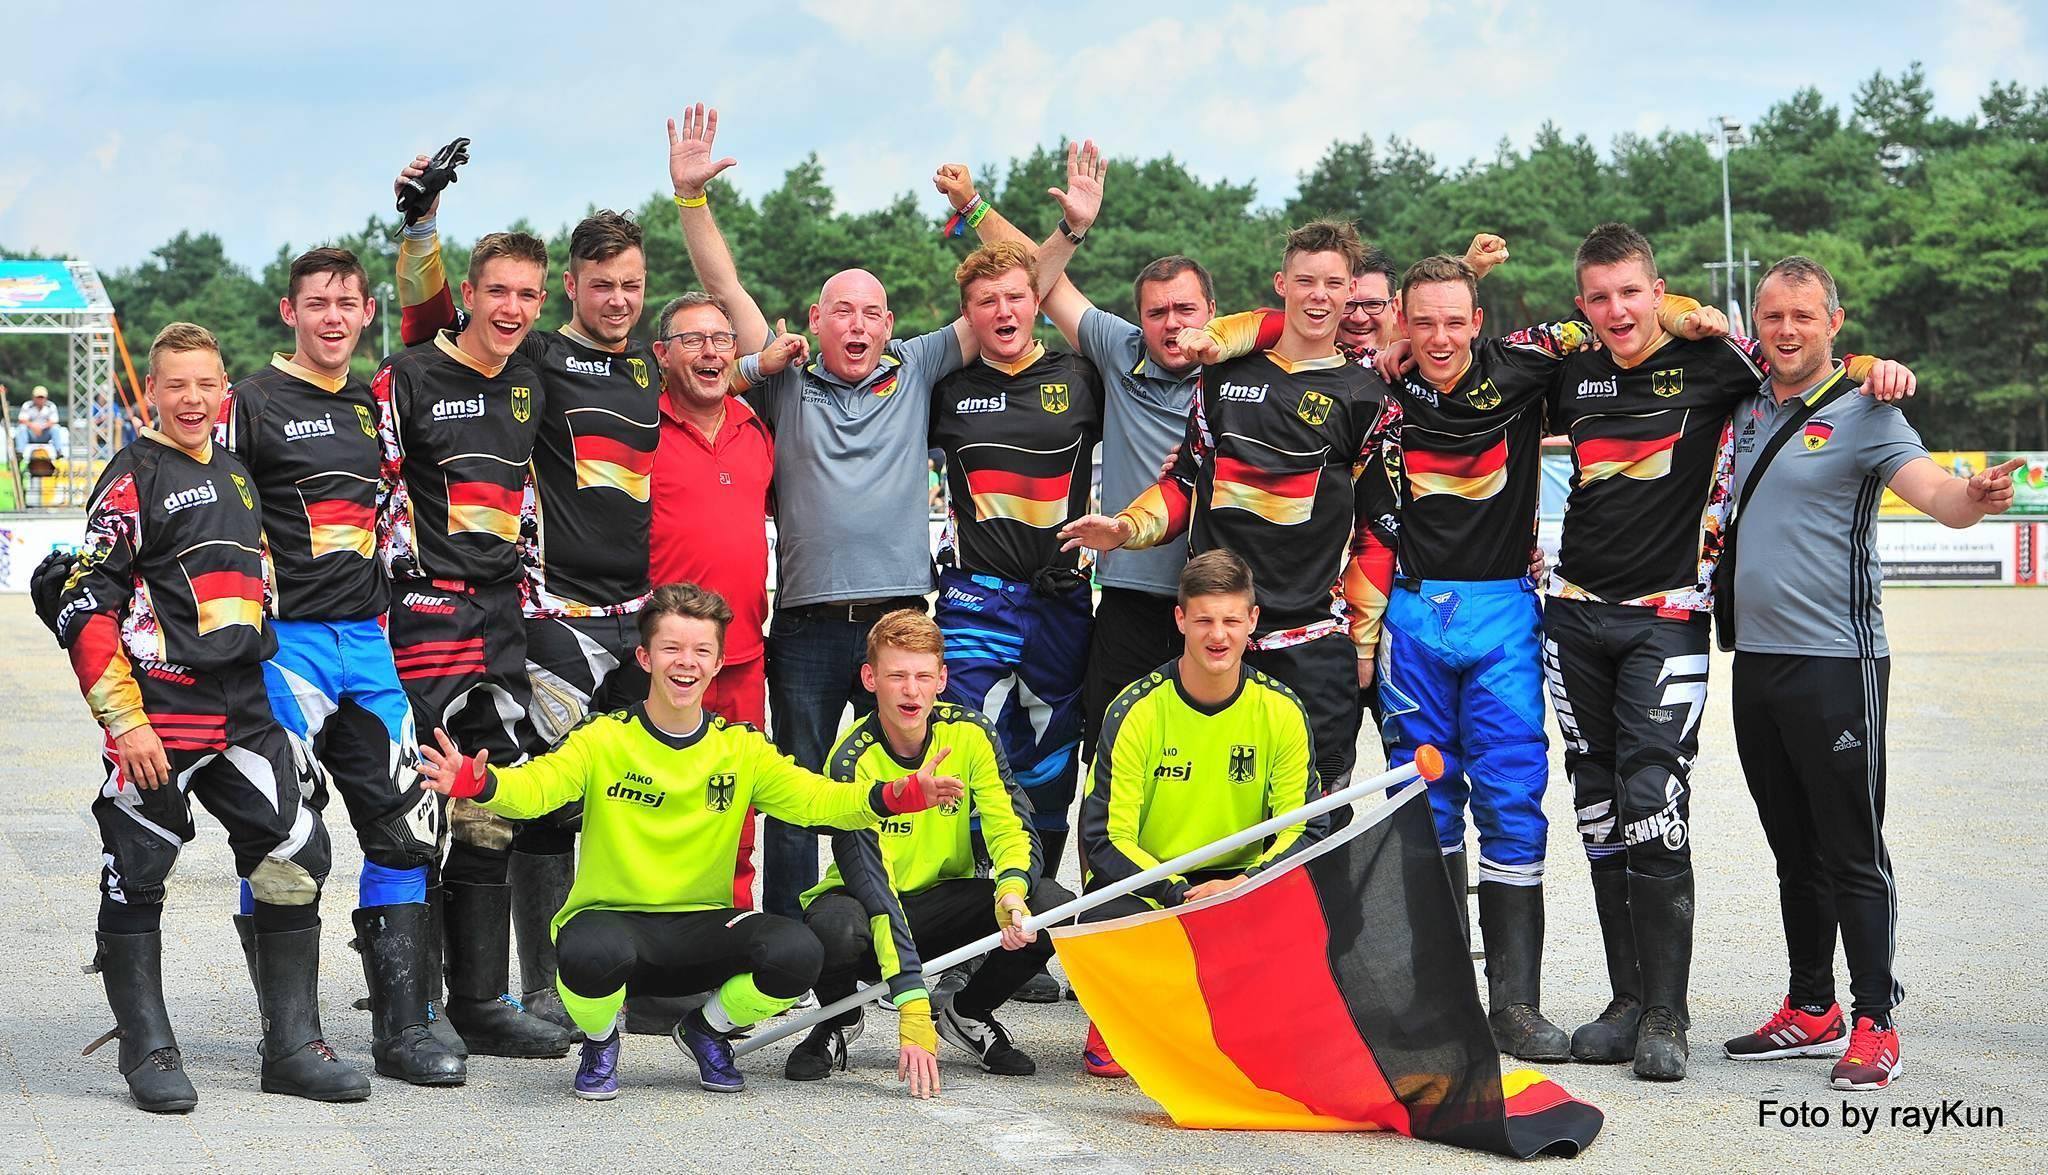 Юношеская сборная Германии - победитель первого (неофициального) юношеского чемпионата Европы 2016. Фото: Ray Kun